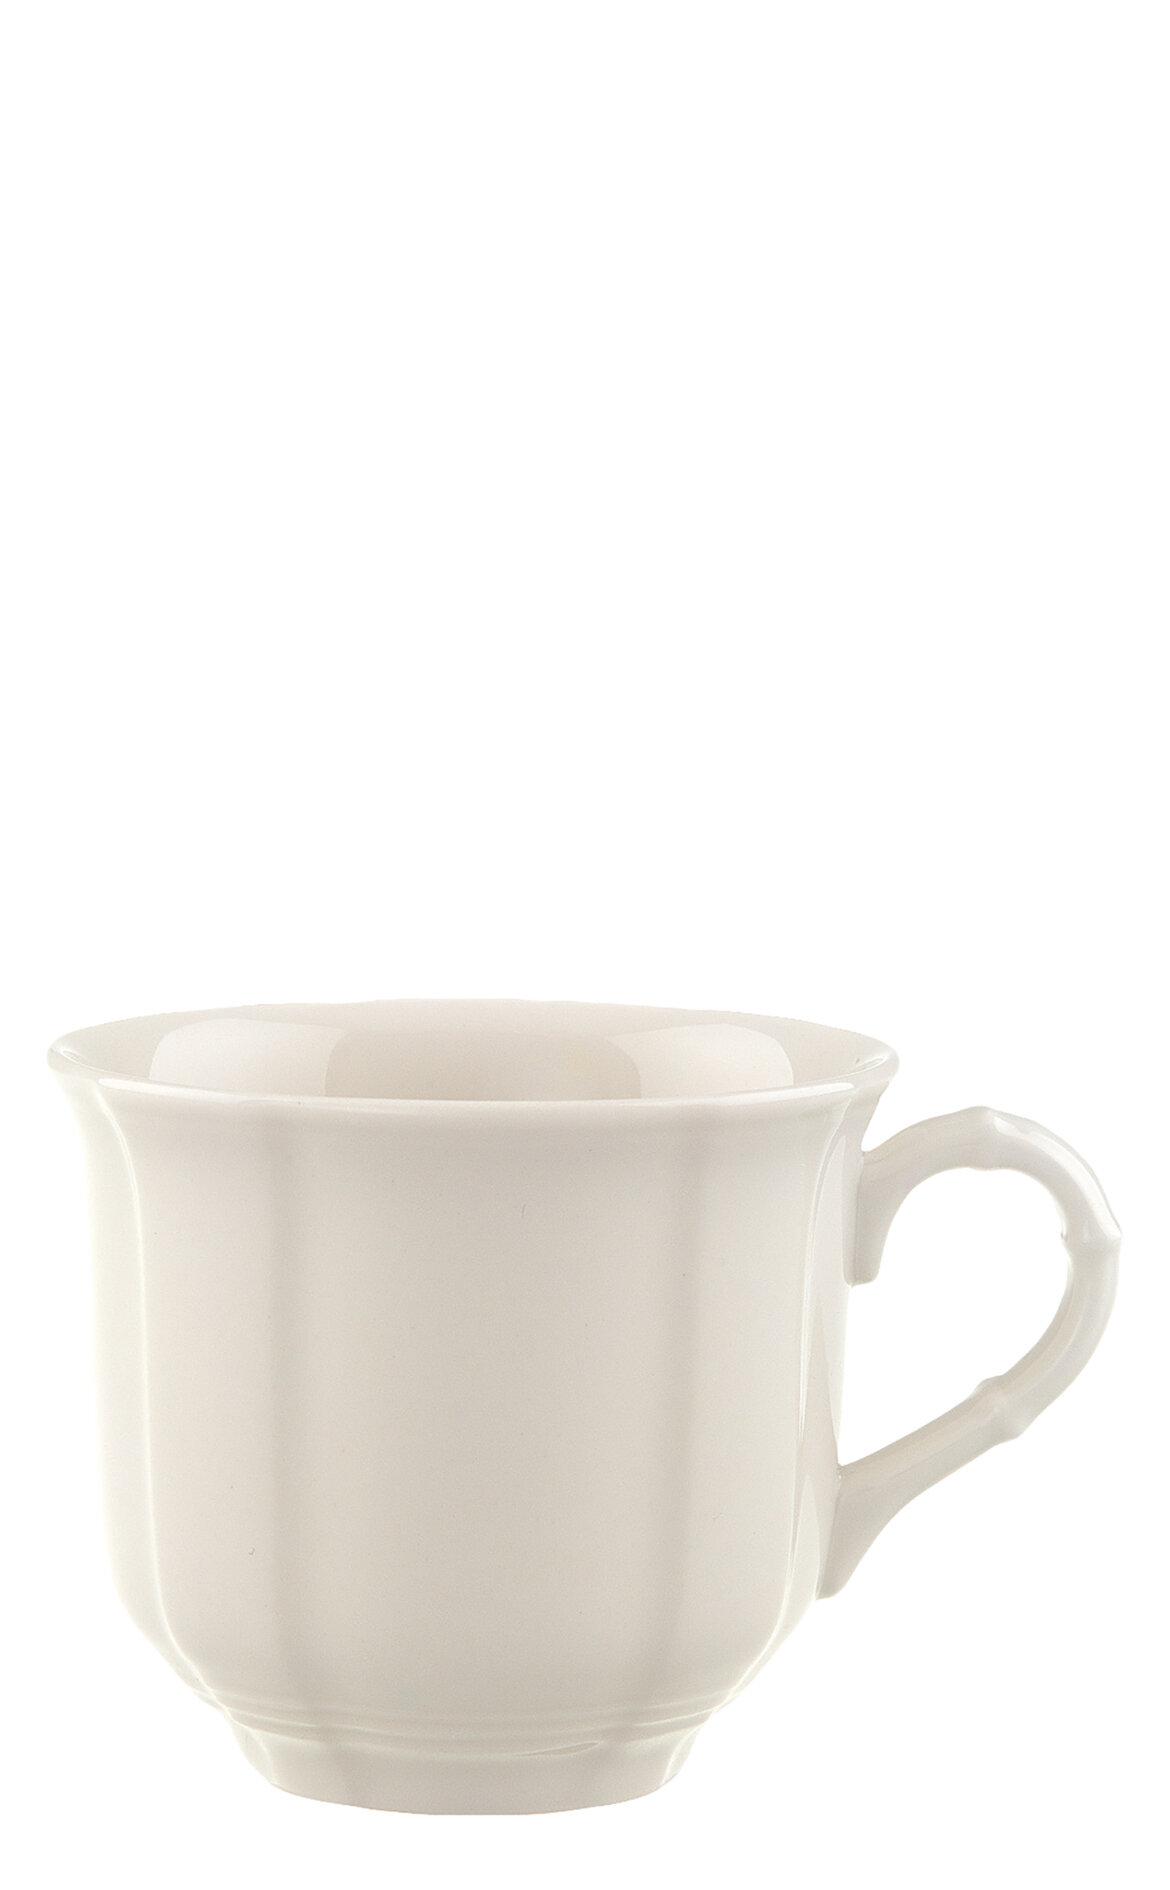 Villeroy & Boch Manoir Kahve / Çay Fincanı